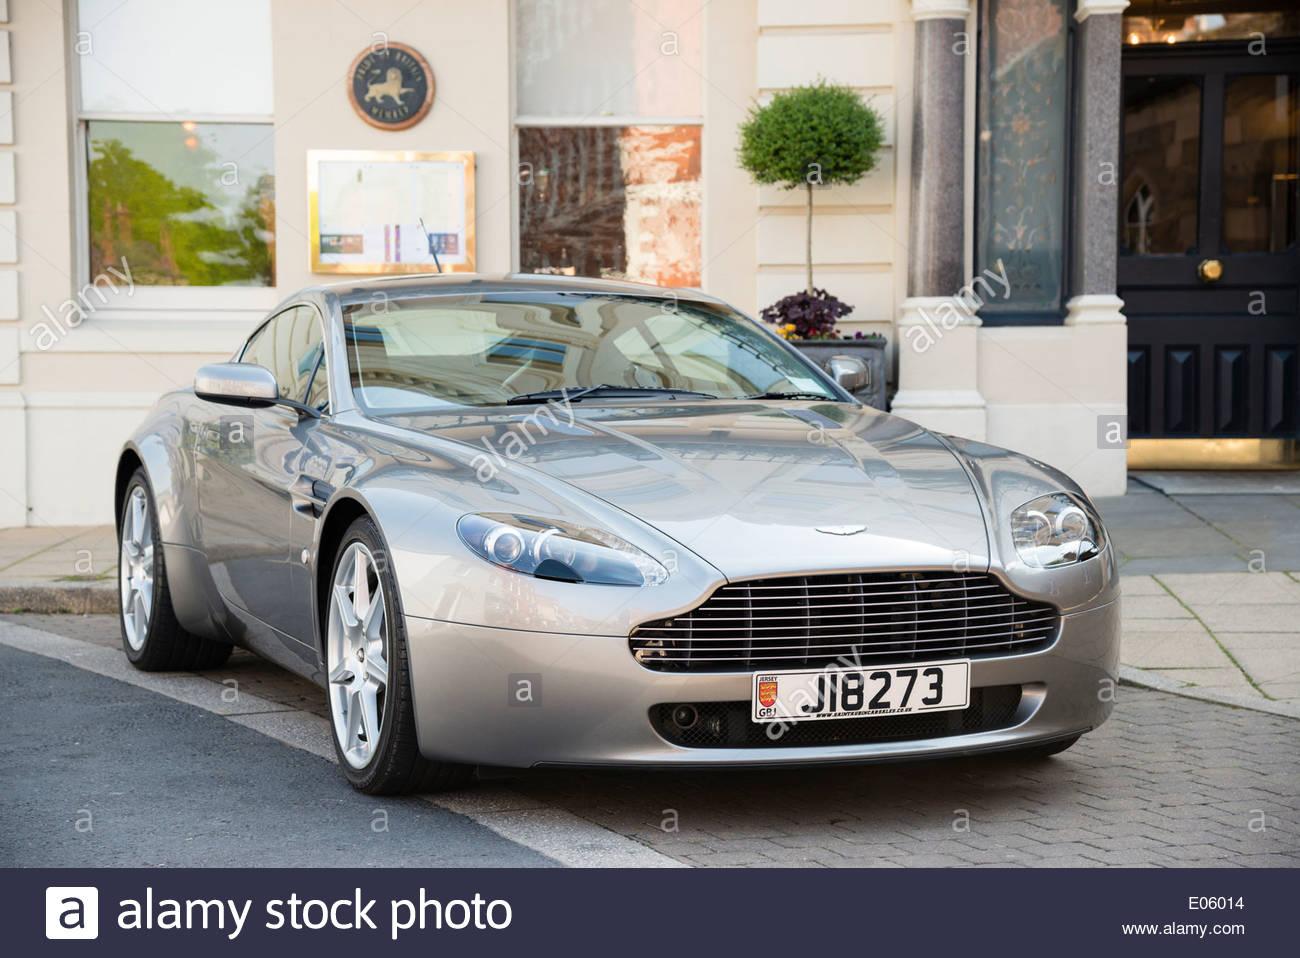 Aston Martin Auto auf der Straße vor einem Hotel, Hereford, Großbritannien. Stockbild